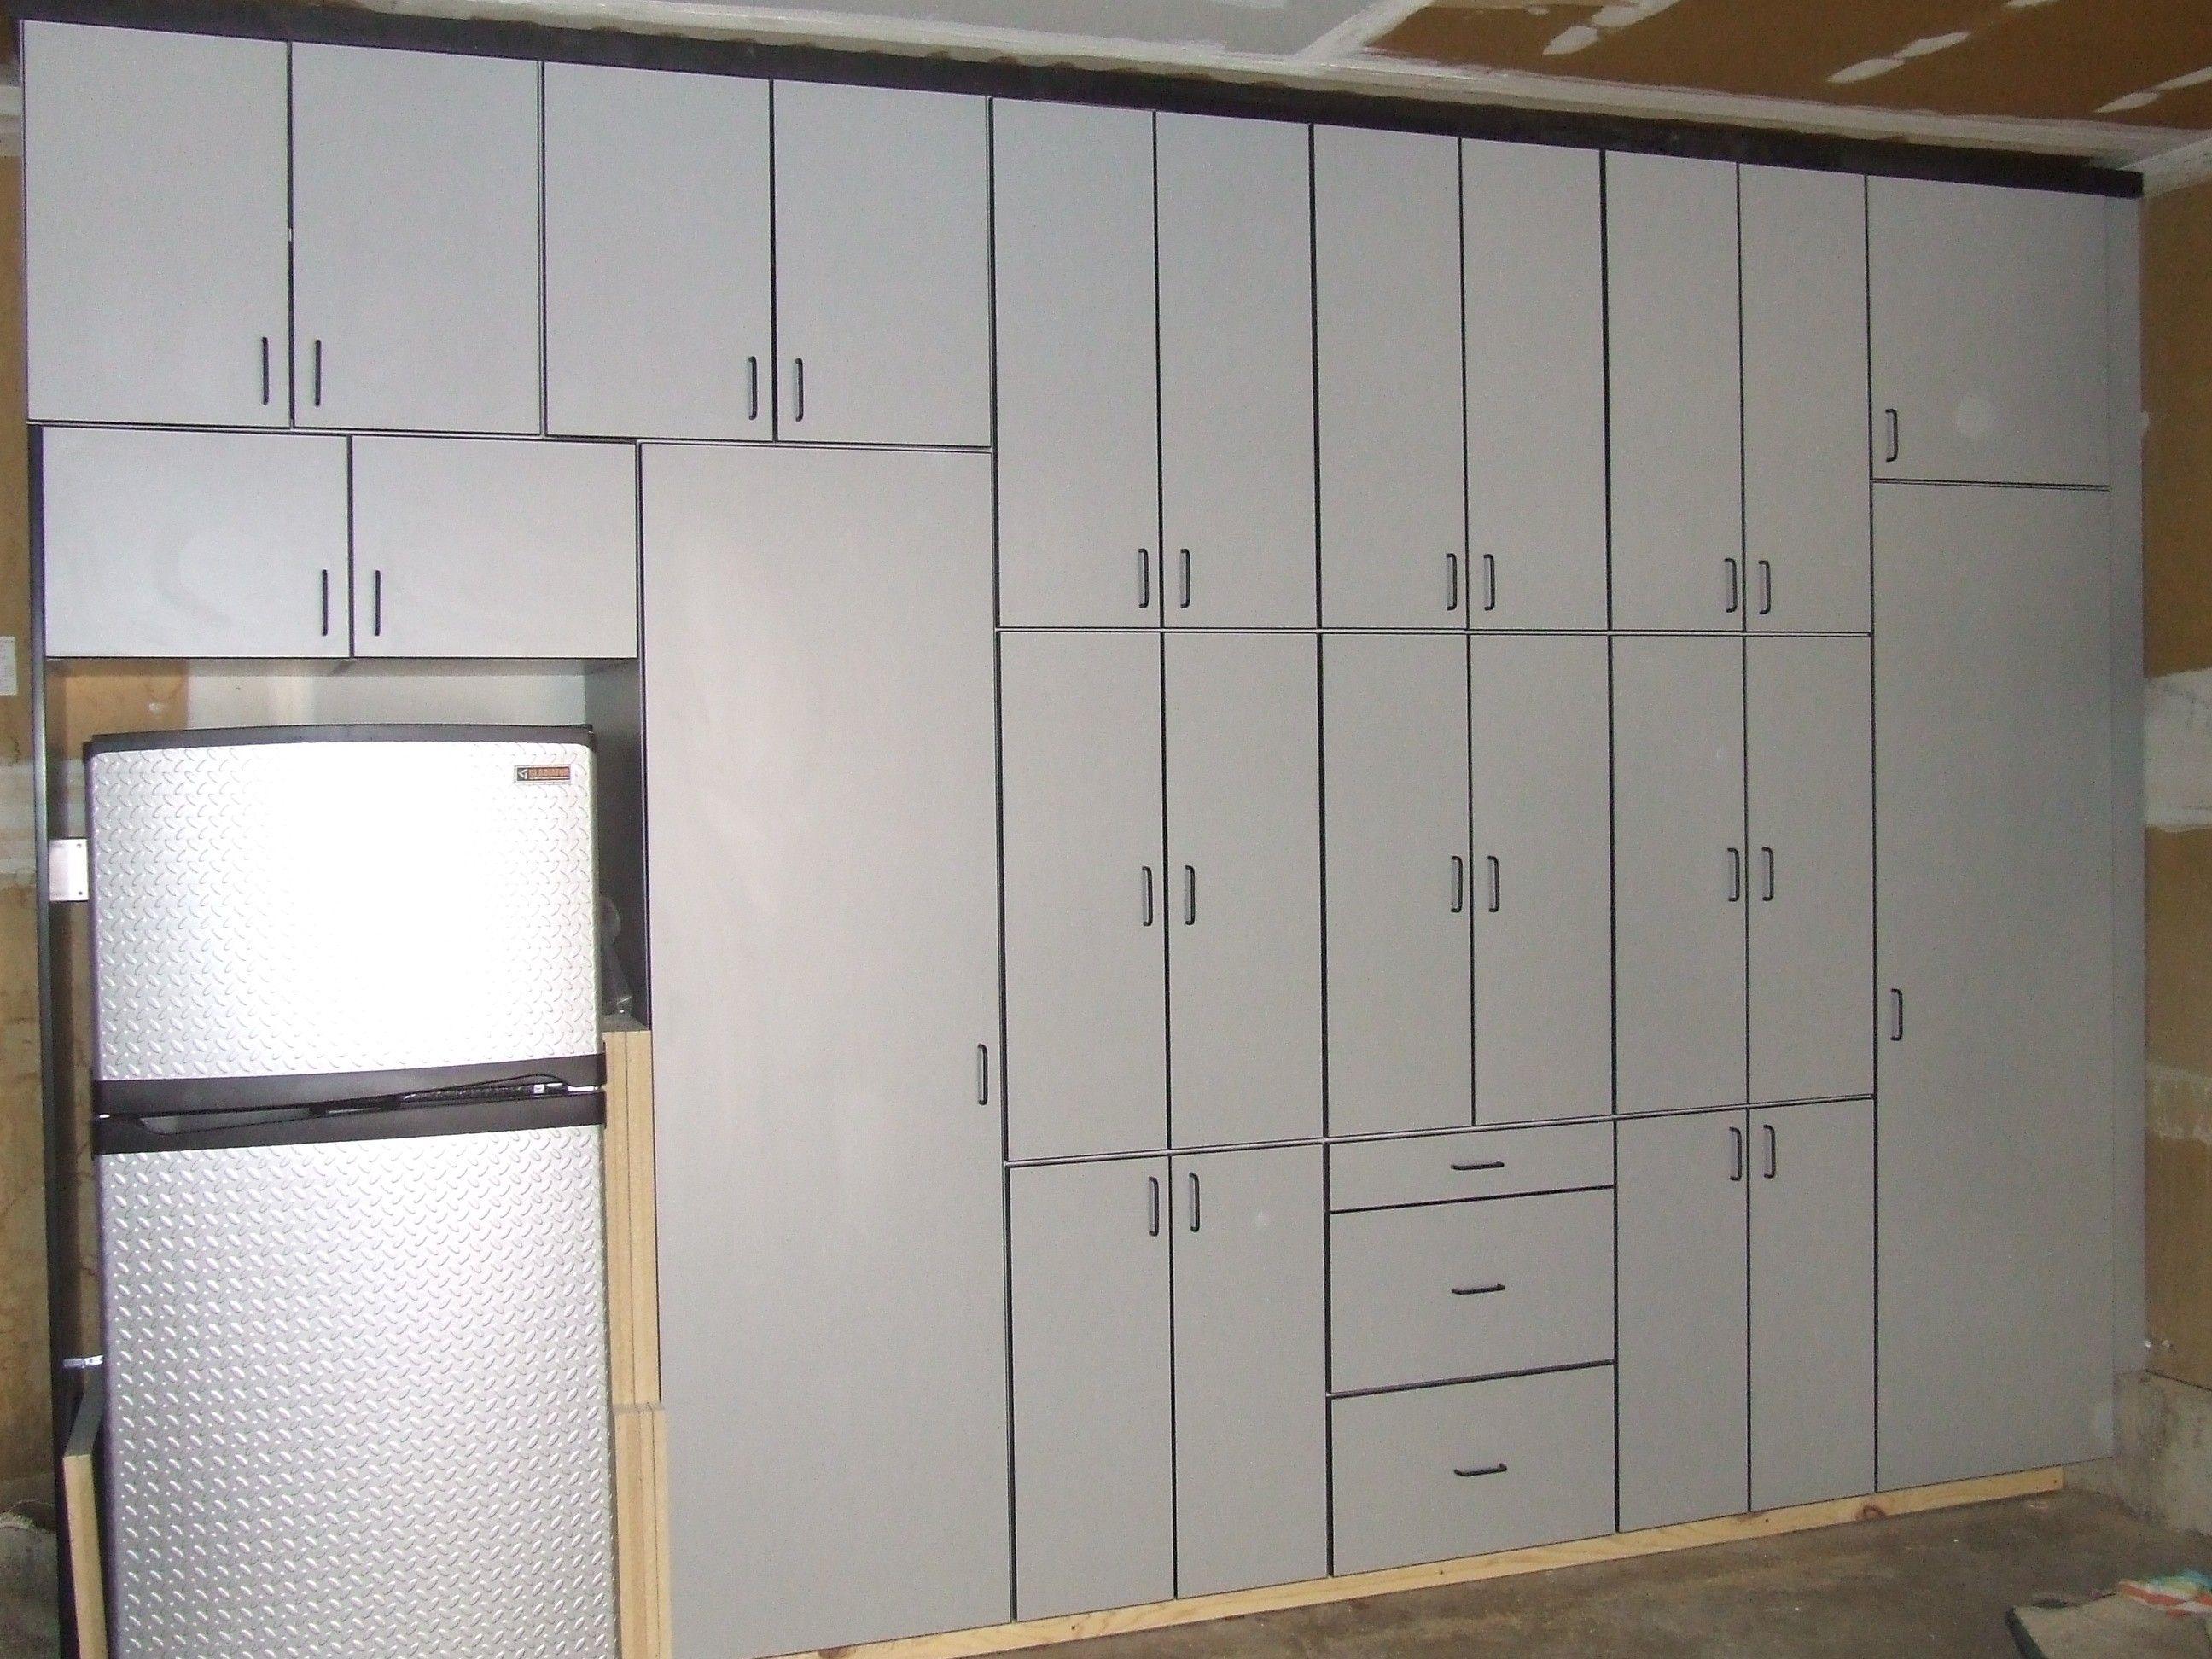 Decor Gladiator Cadet Garage Storage